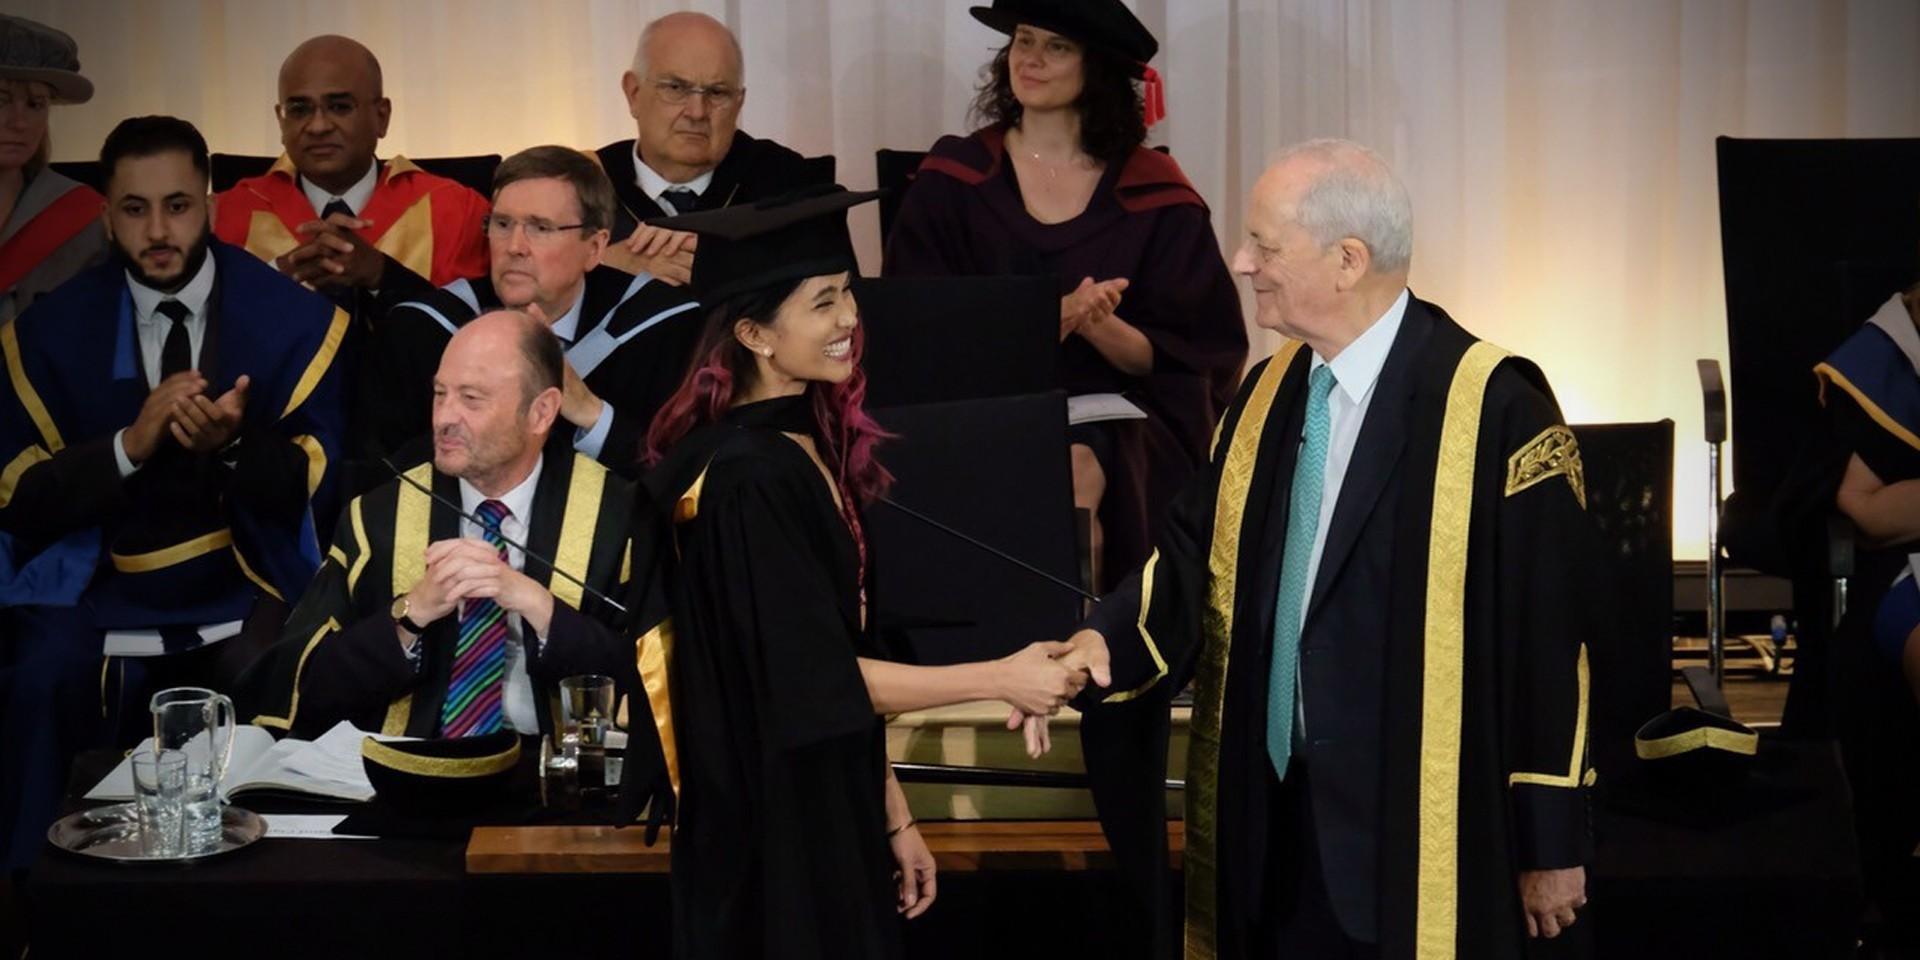 Moonstar88's Maysh Baay graduates with honors from Bradford University